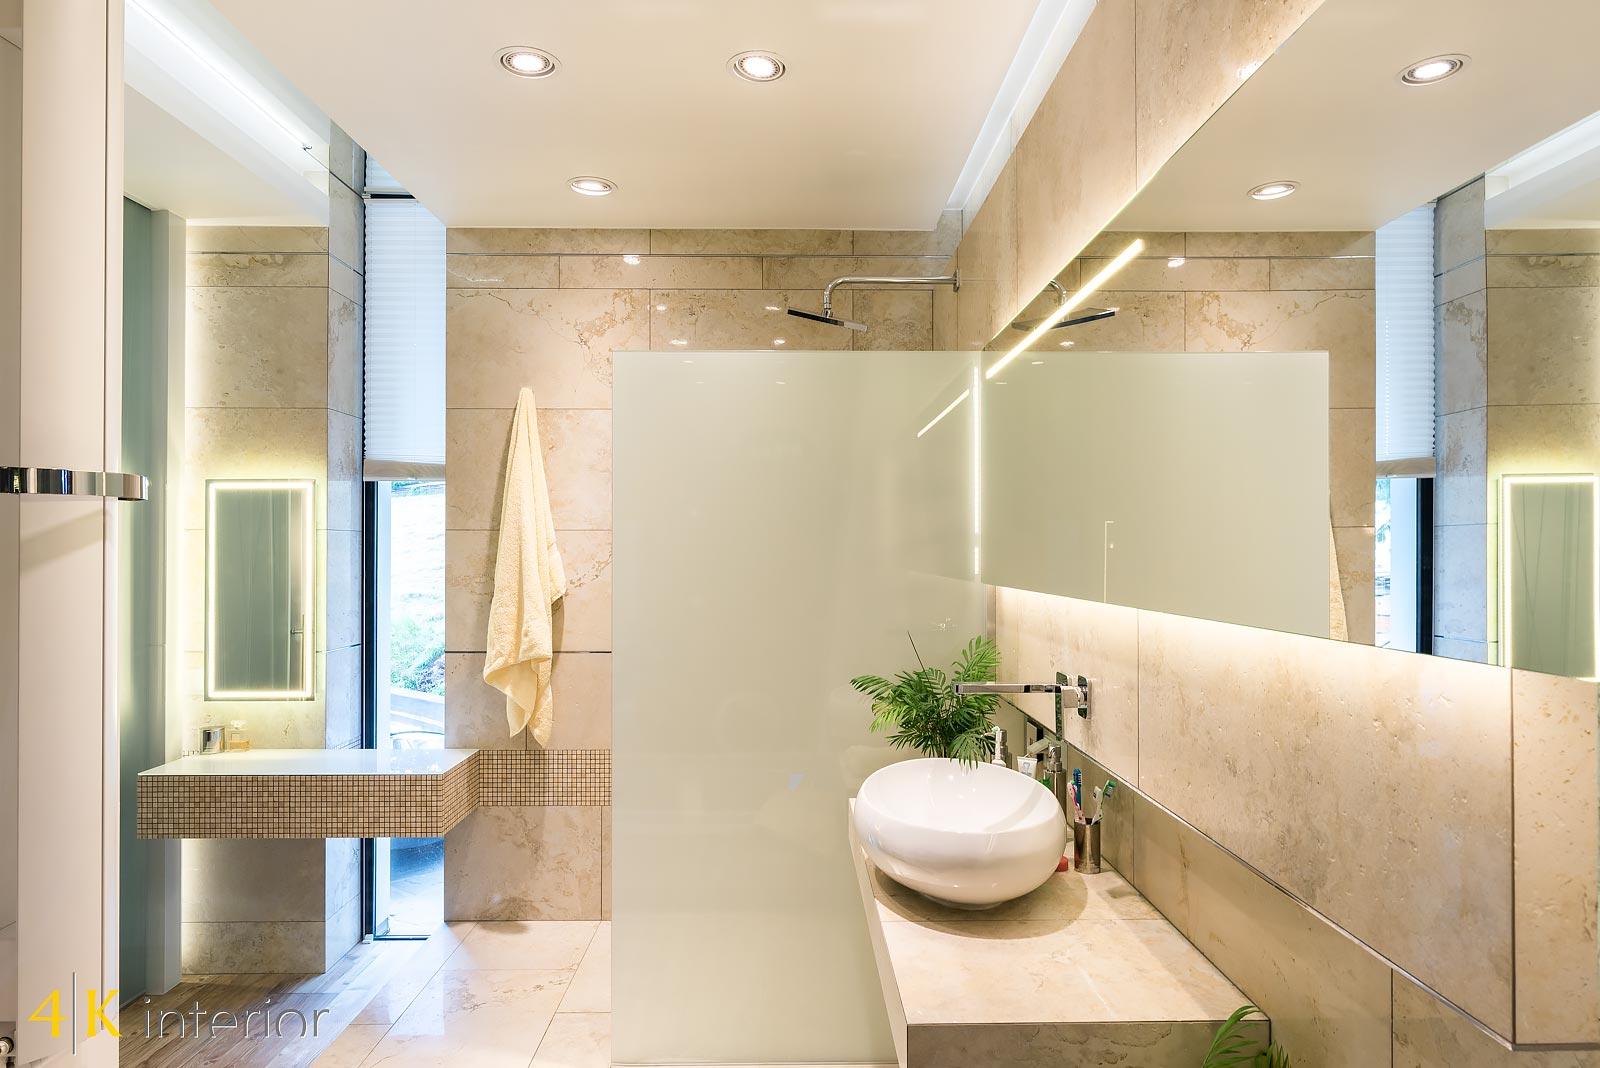 Dom-z-góralskim-charakterem-18 piękna łazienka n